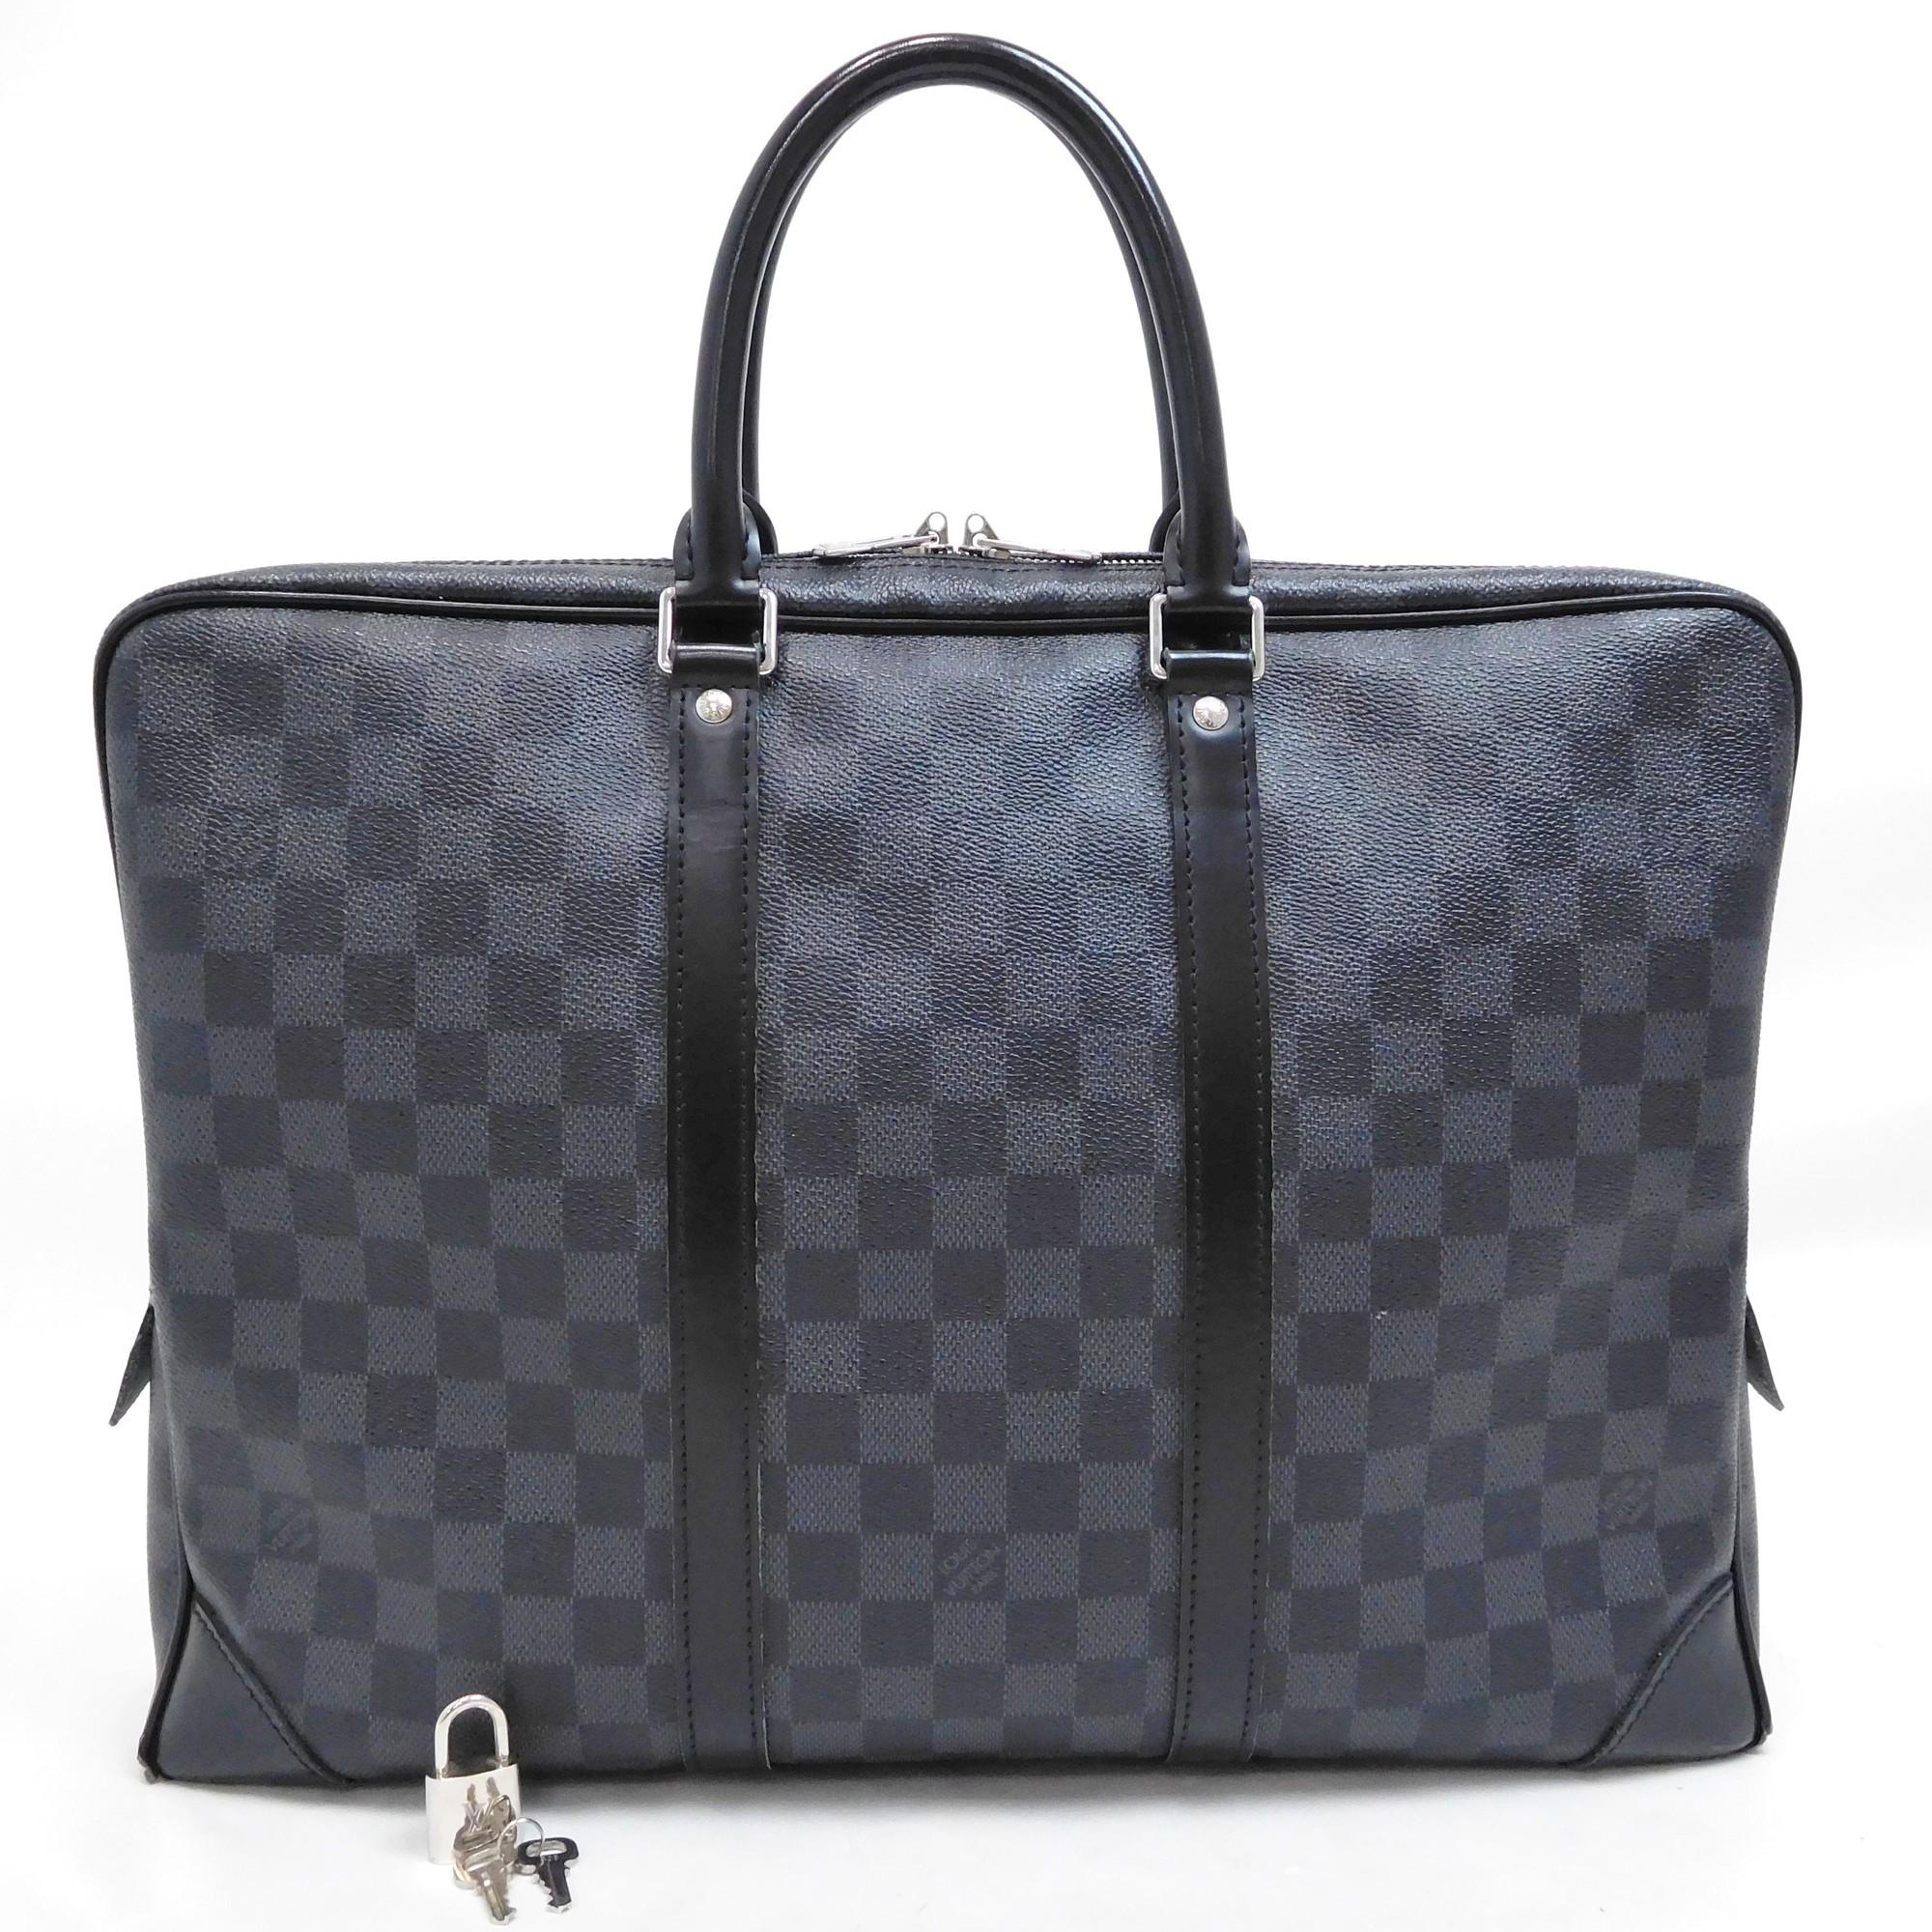 1ef5565d4da1 Auth Louis Vuitton Damier Graphite Porto Docman Voyageur Business N 41125  Men s